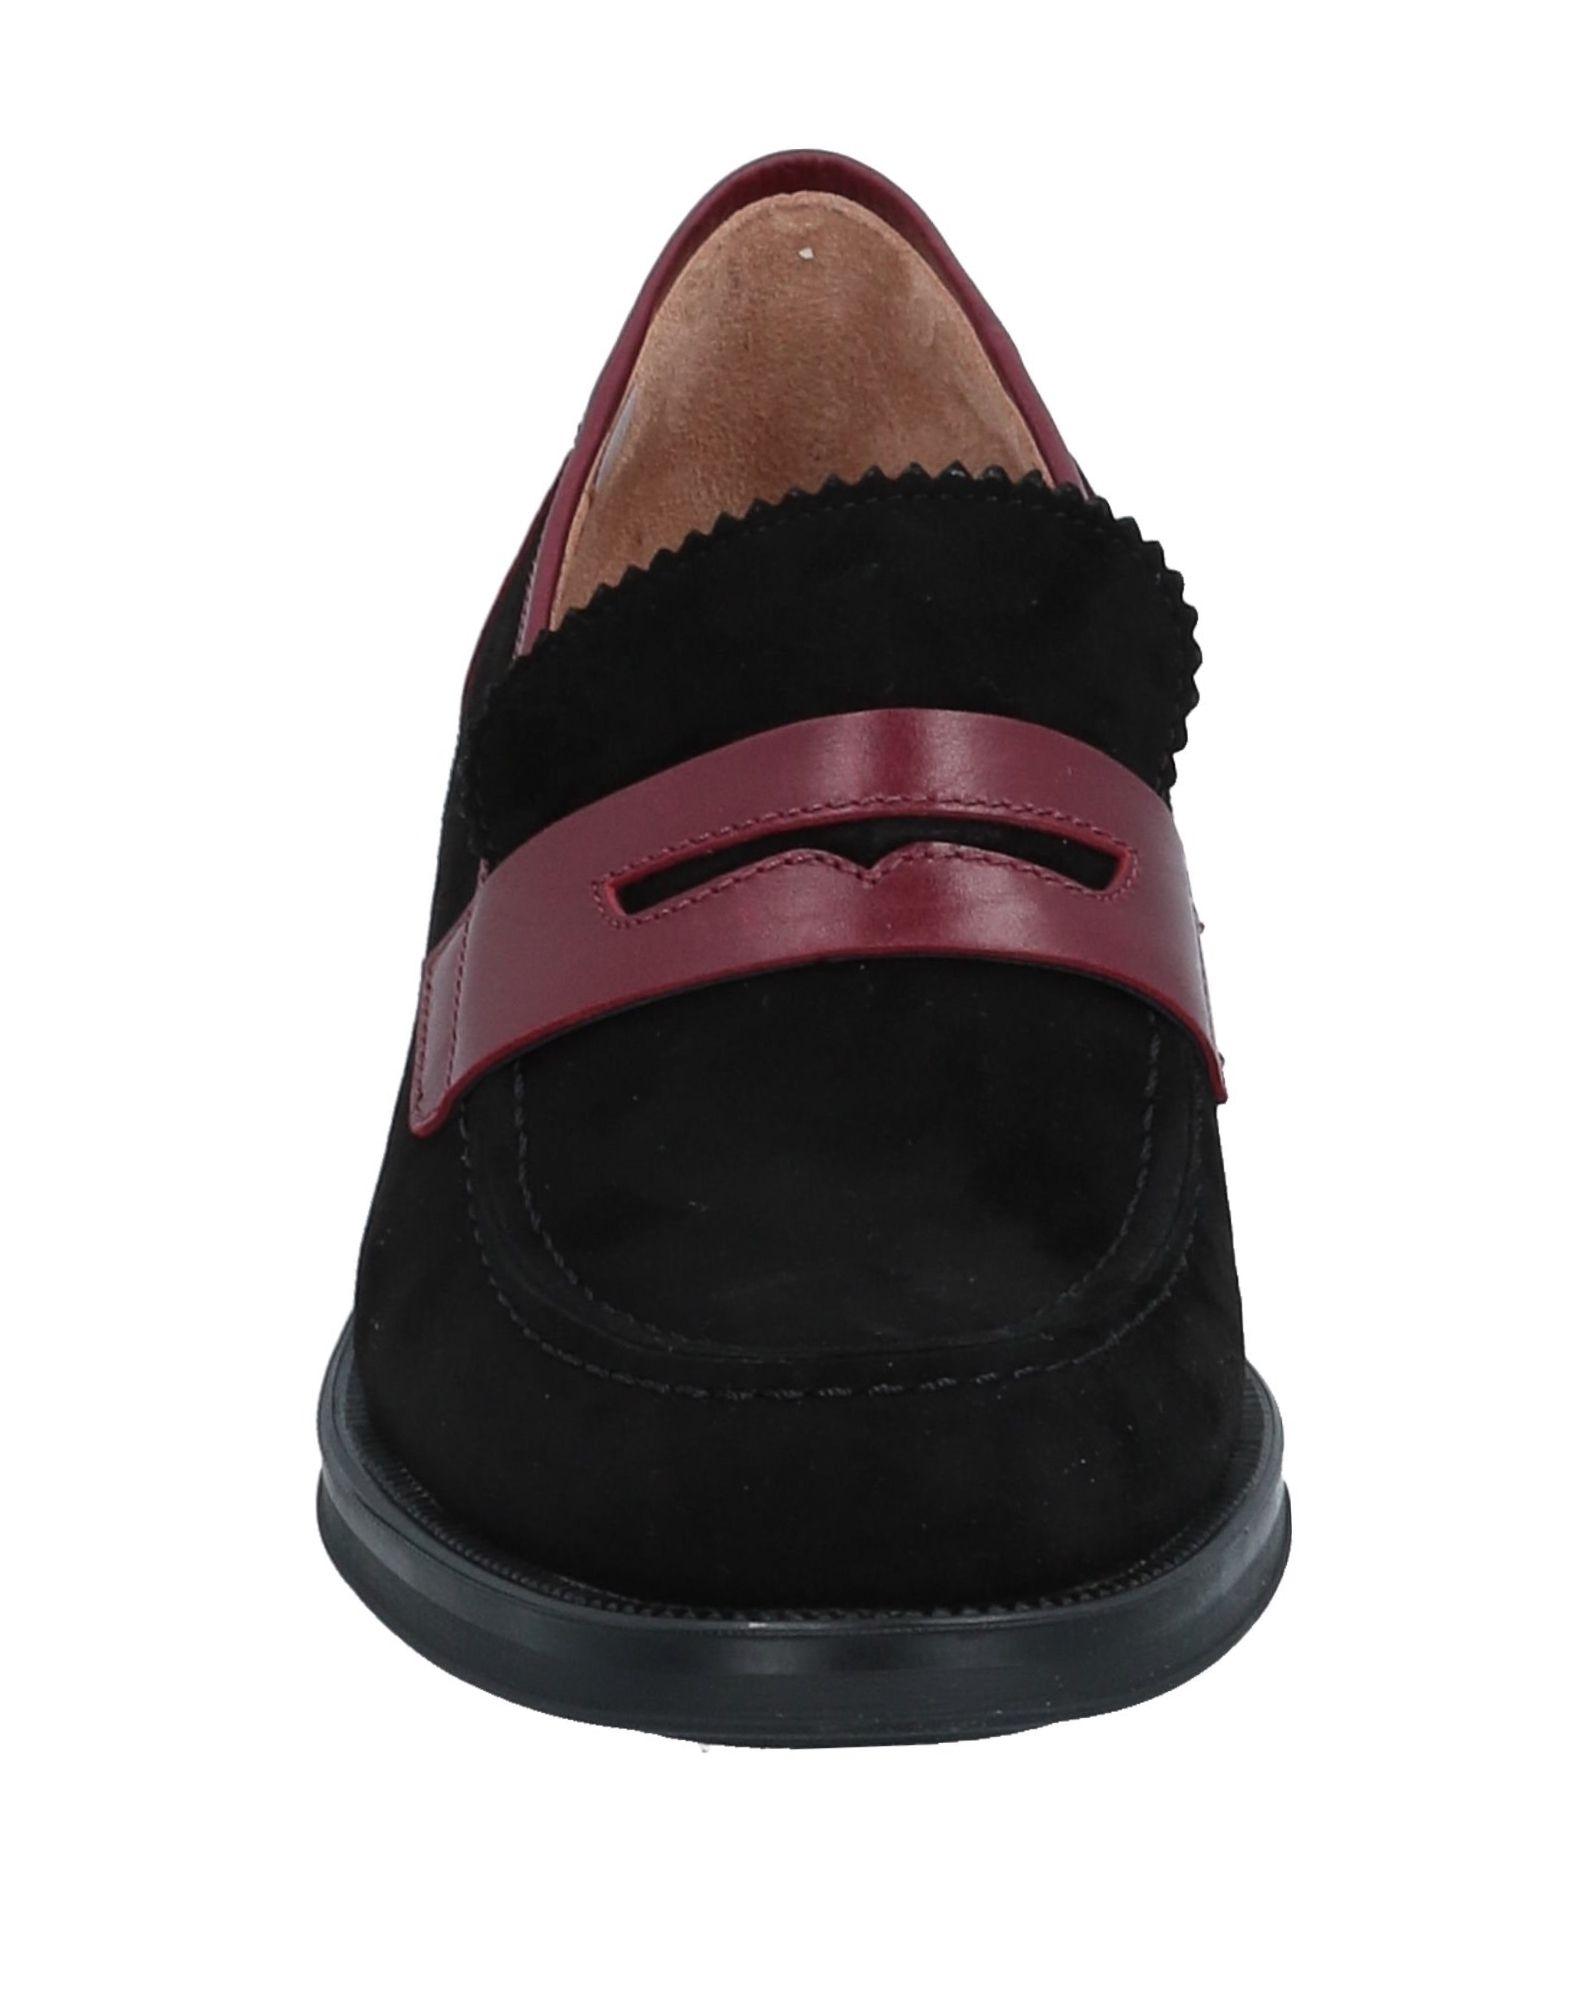 F.Lli F.Lli F.Lli Bruglia Mokassins Damen  11520216QA Neue Schuhe c848be